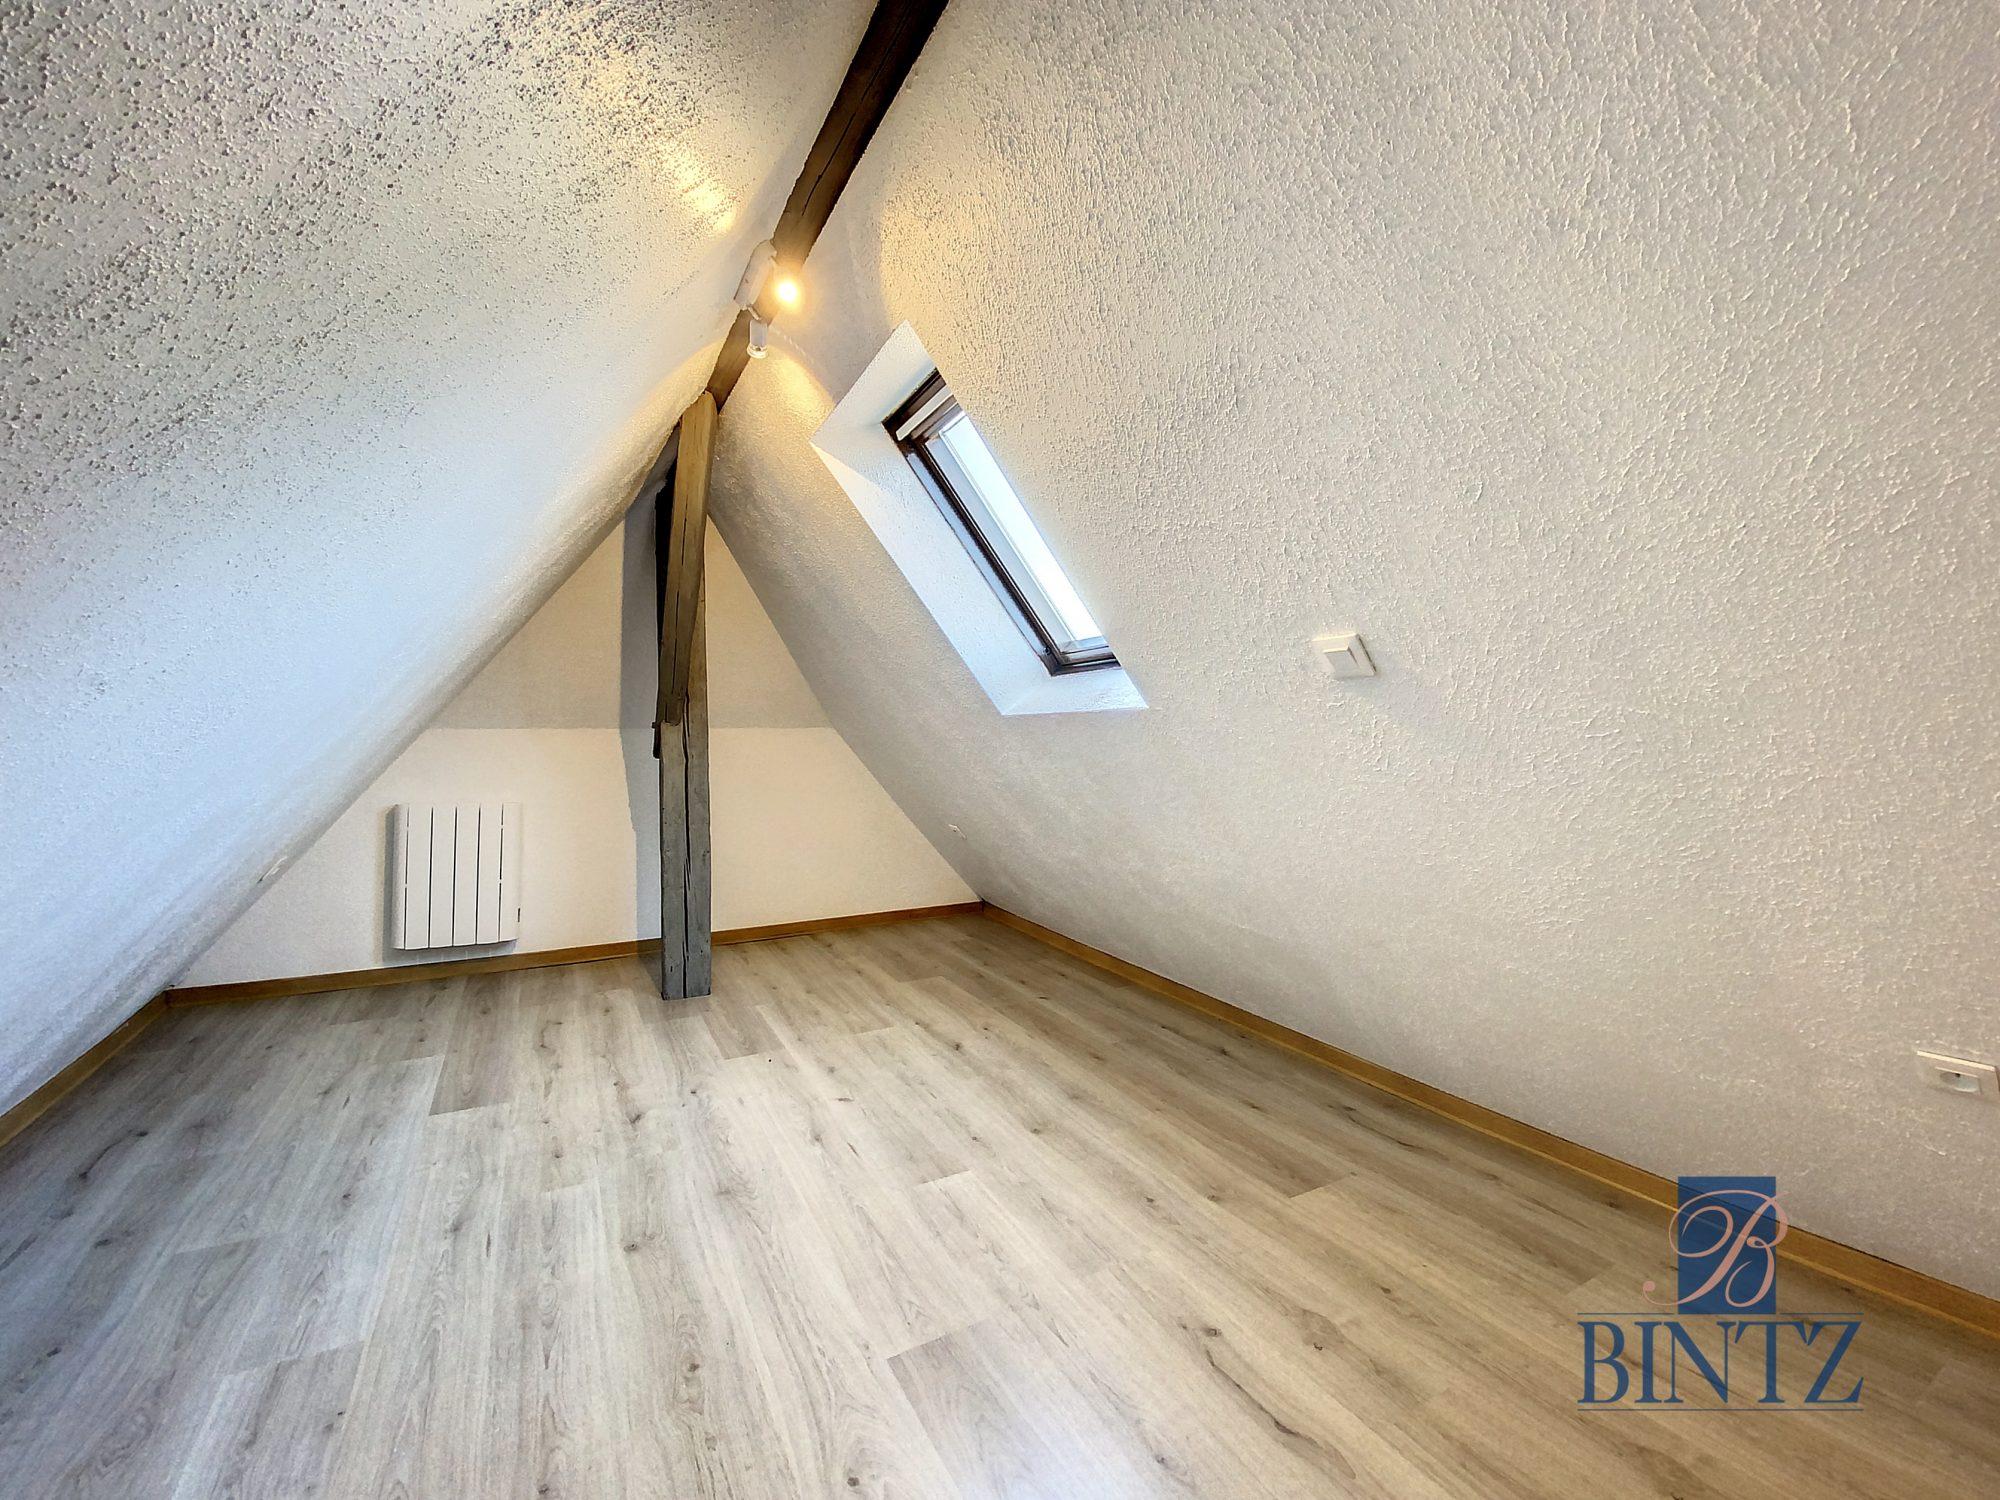 3/4 Pièces Centre-ville ROSHEIM - Devenez locataire en toute sérénité - Bintz Immobilier - 7